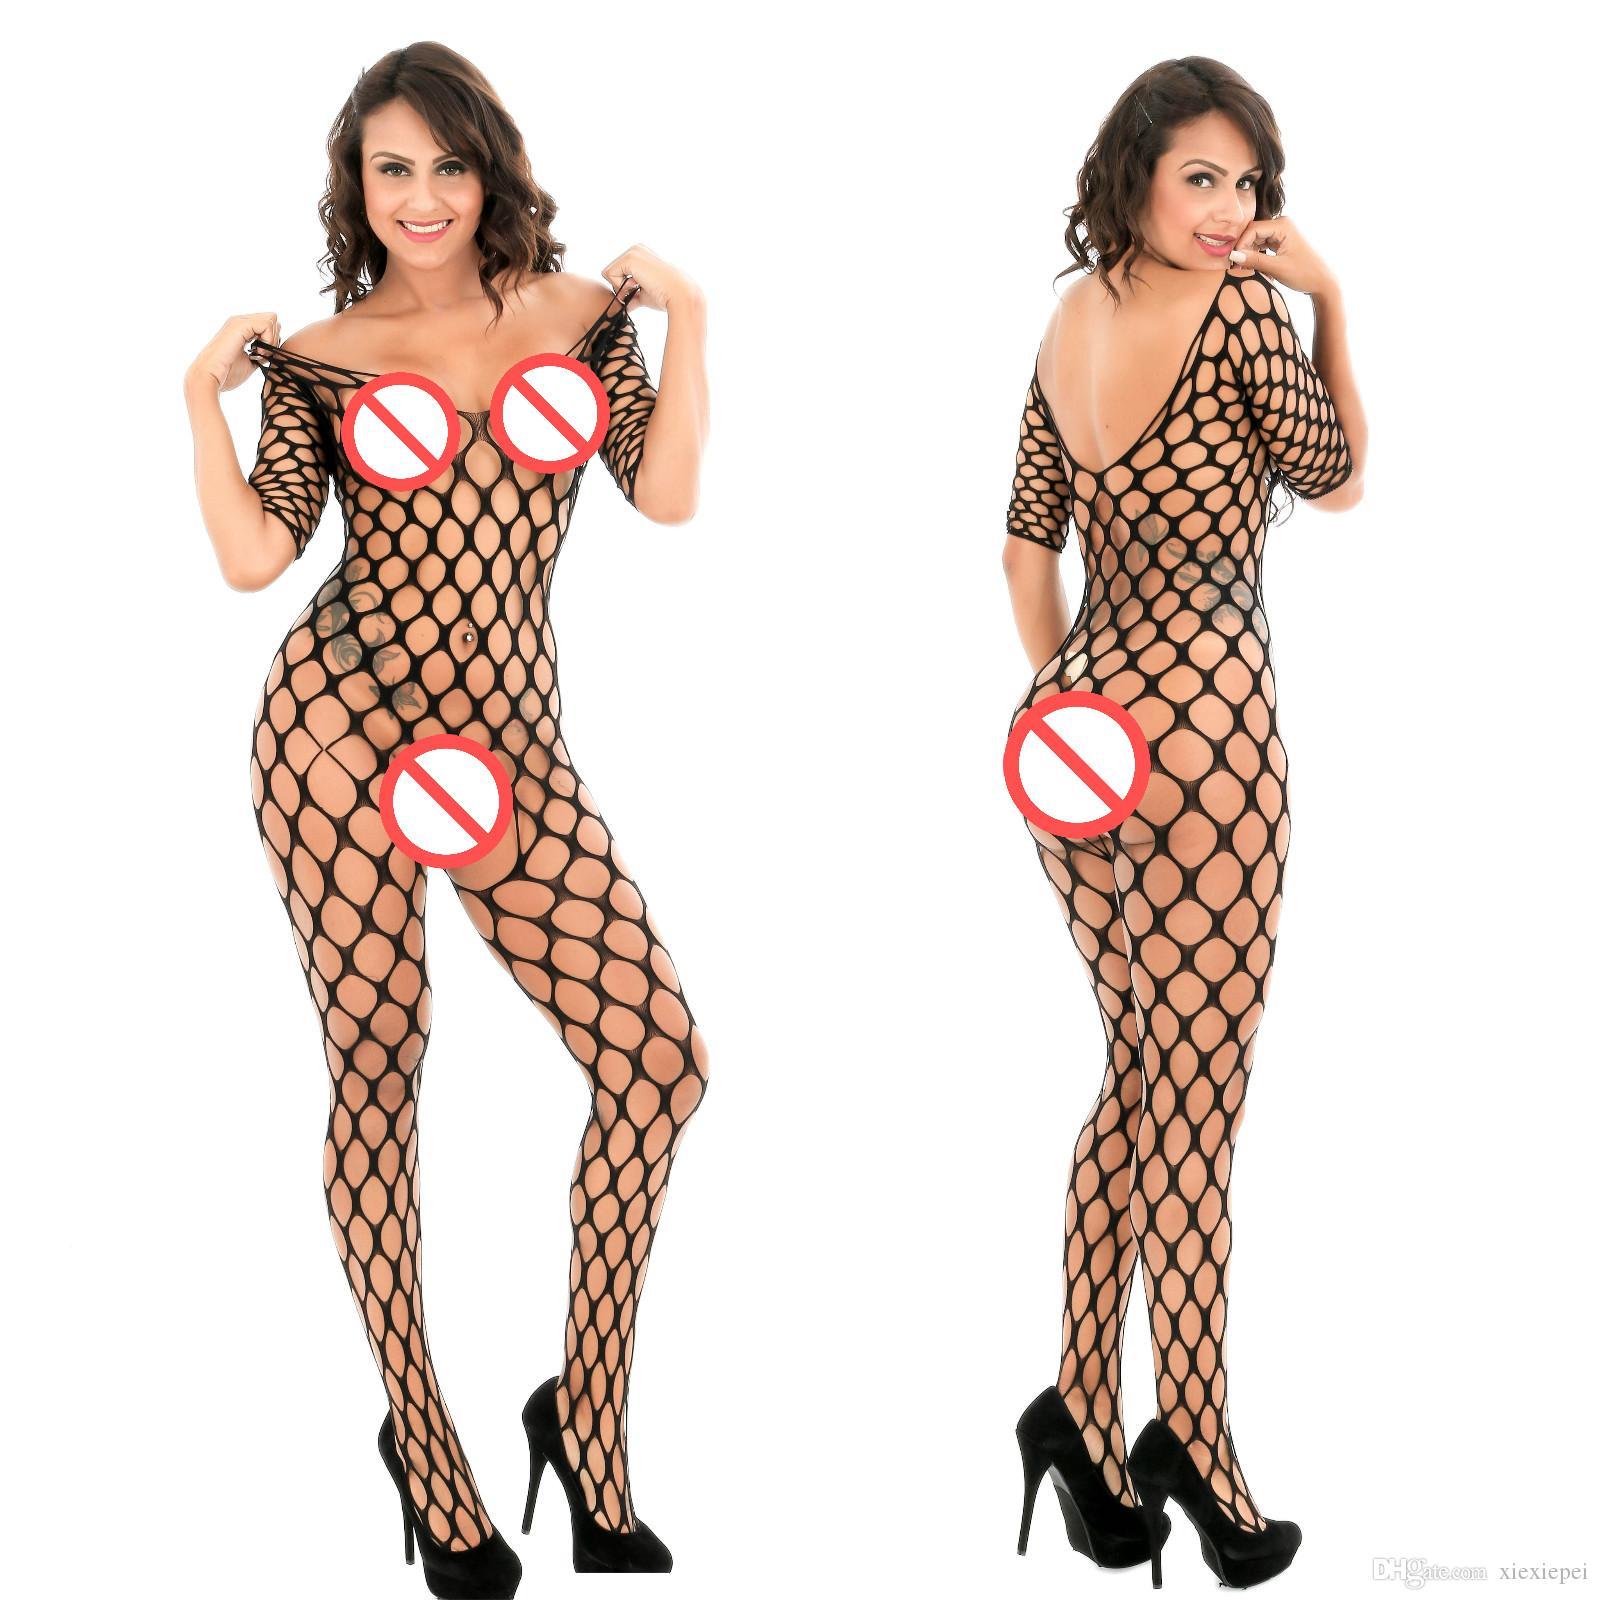 Valla pantimedias Mujer atractiva mujer Mallas Jambo la red del diamante de malla de manga larga Body medias de las medias de la ropa interior erótica Body